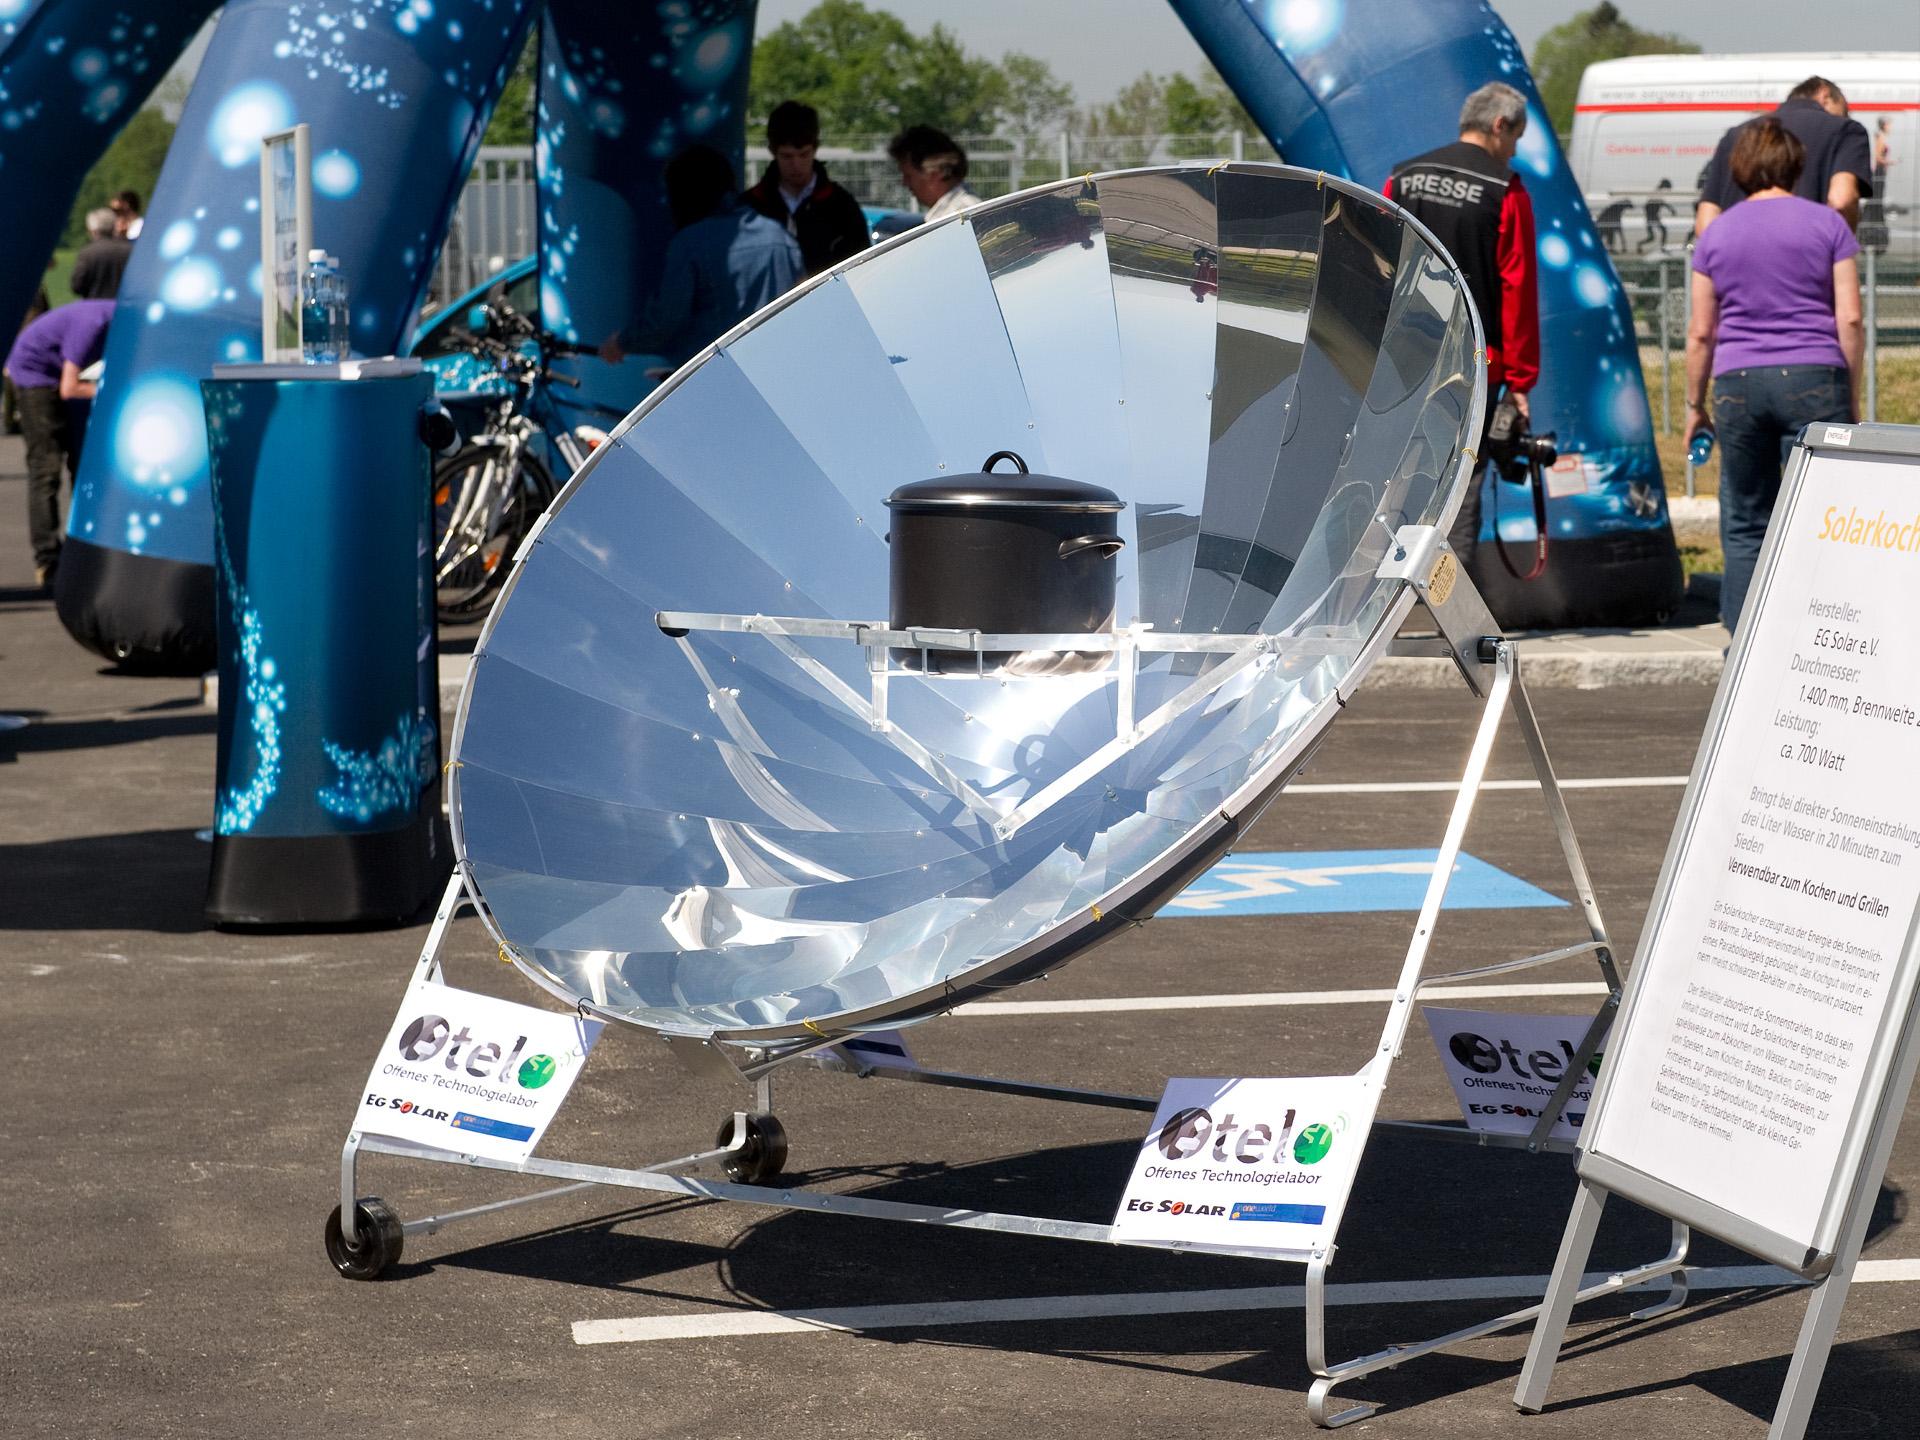 Otelo Solarkocher